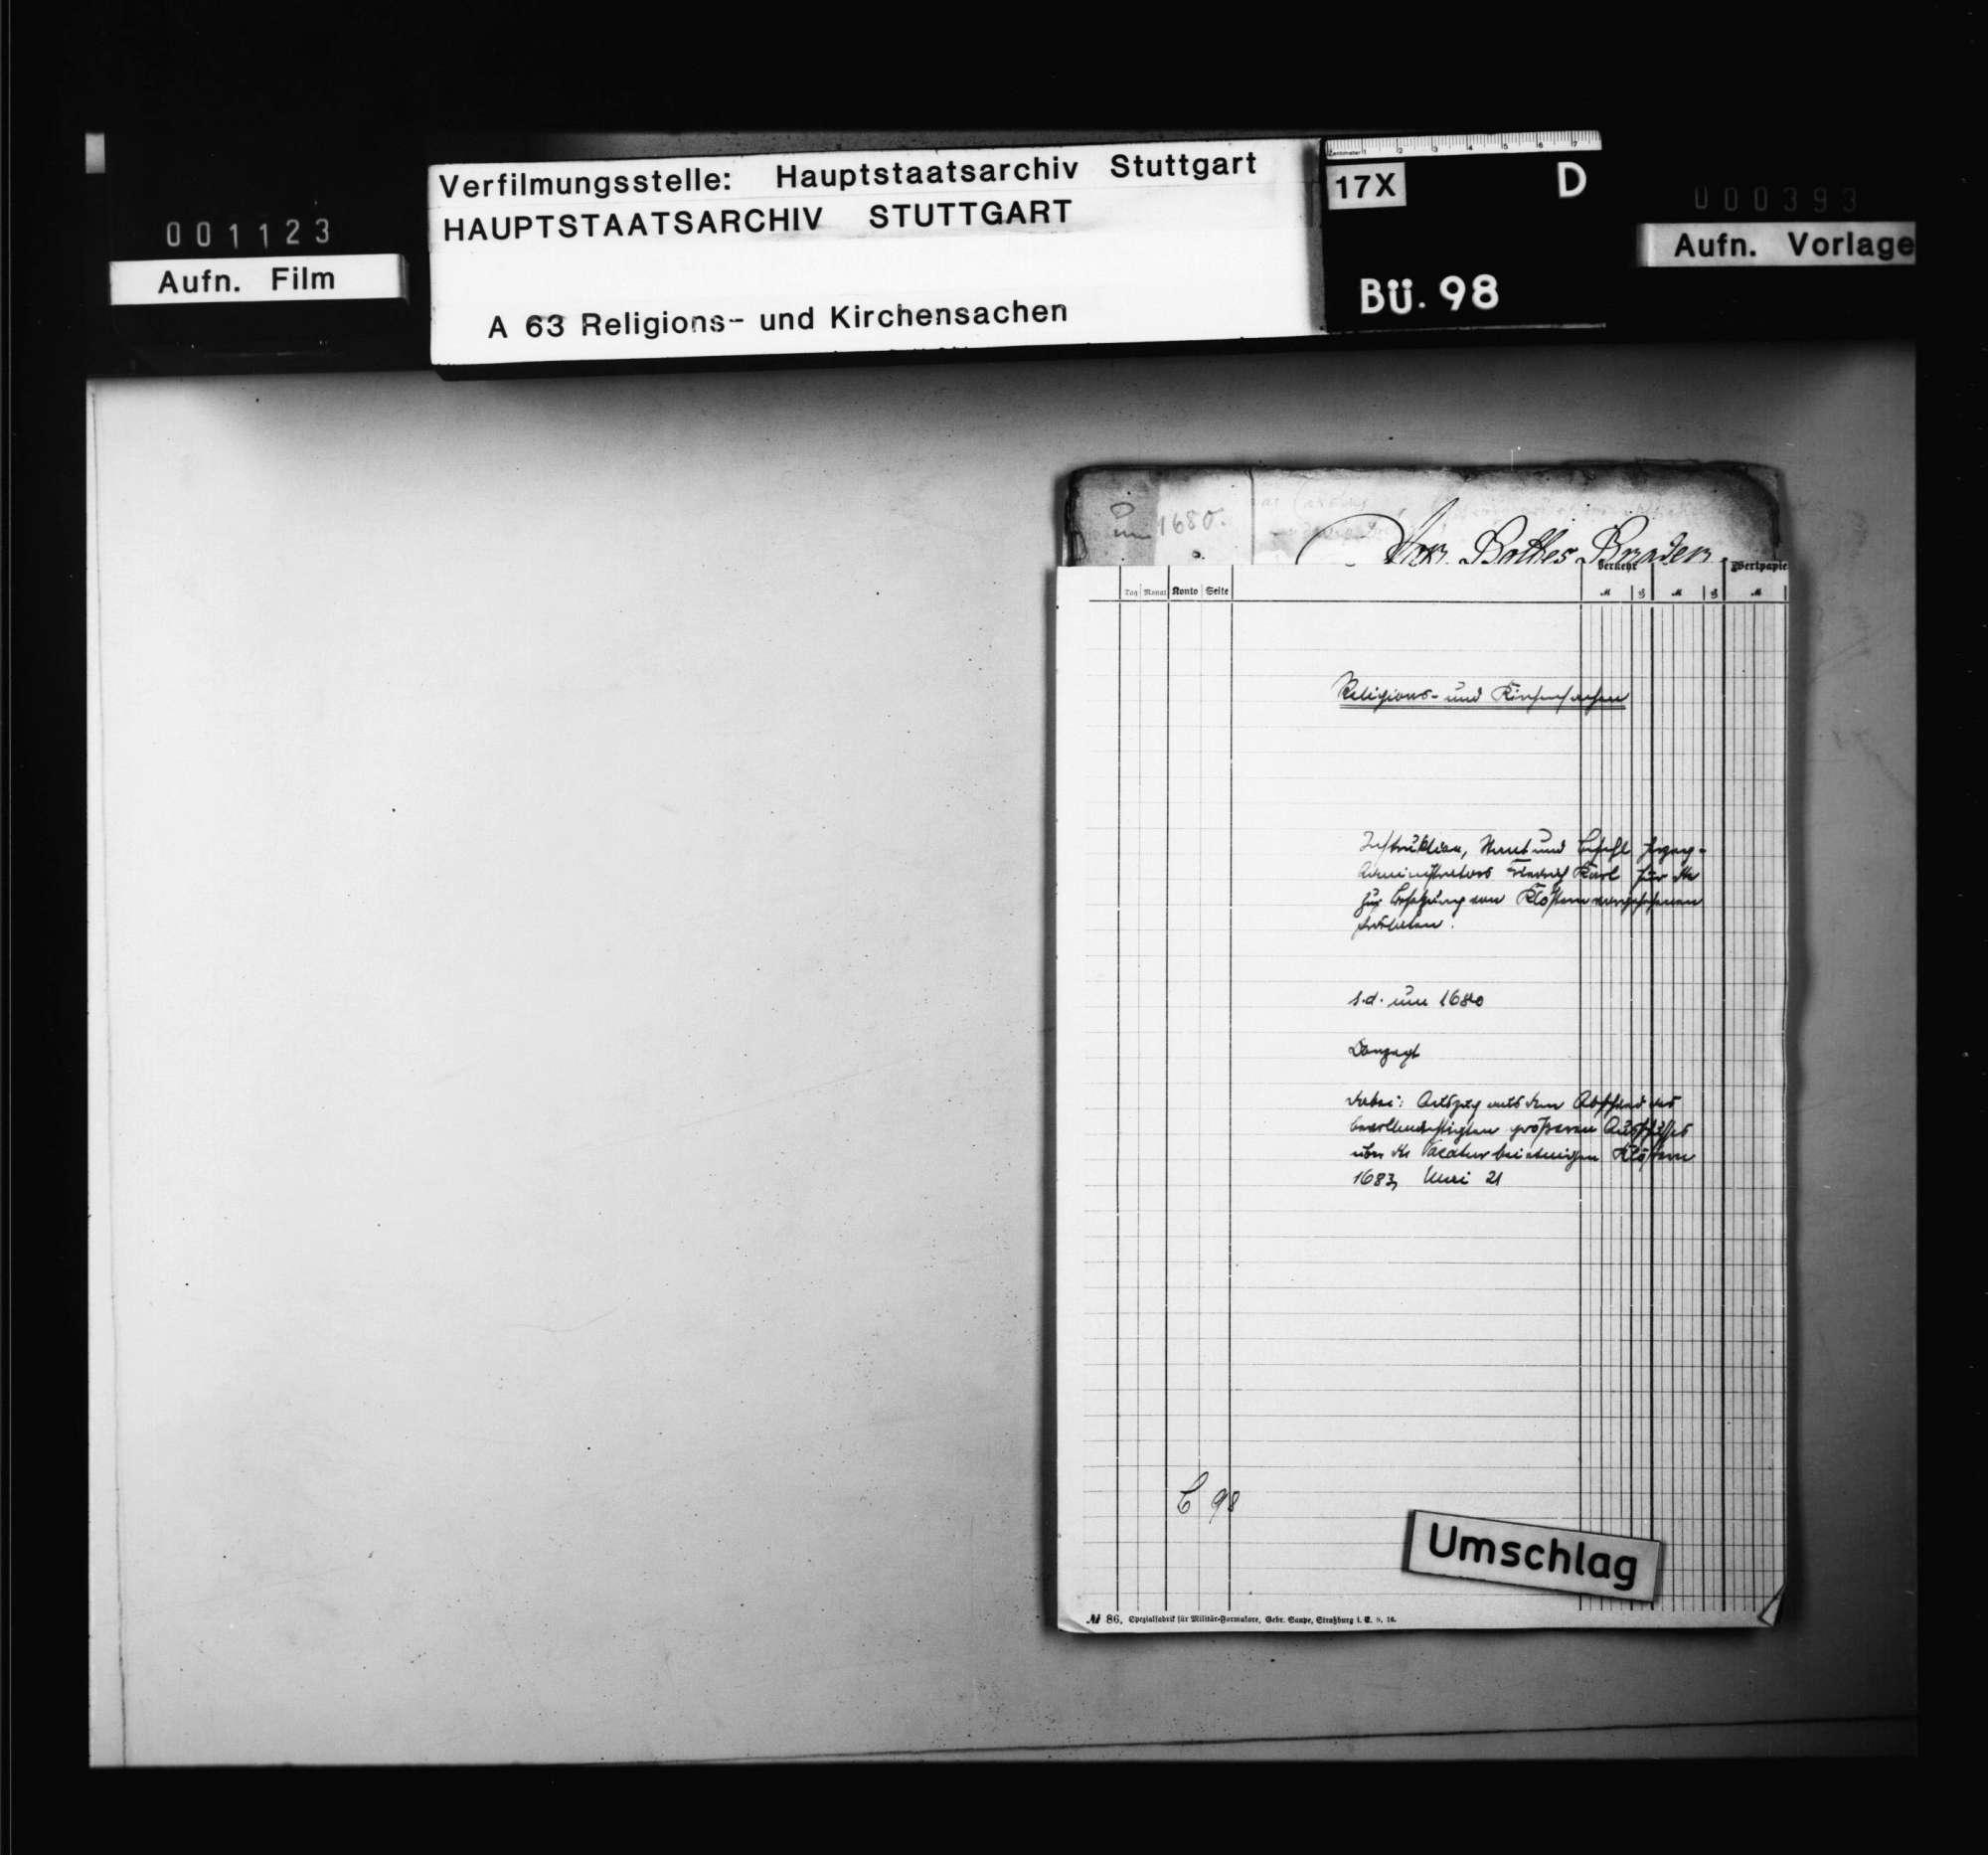 Instruktion, Staat und Befehl Herzog-Administrators Friedrich Karl für die zur Besetzung der entsprechenden Stellen an den verschiedenen Klöstern vorgesehenen Prälaten. Sine dato., Bild 1